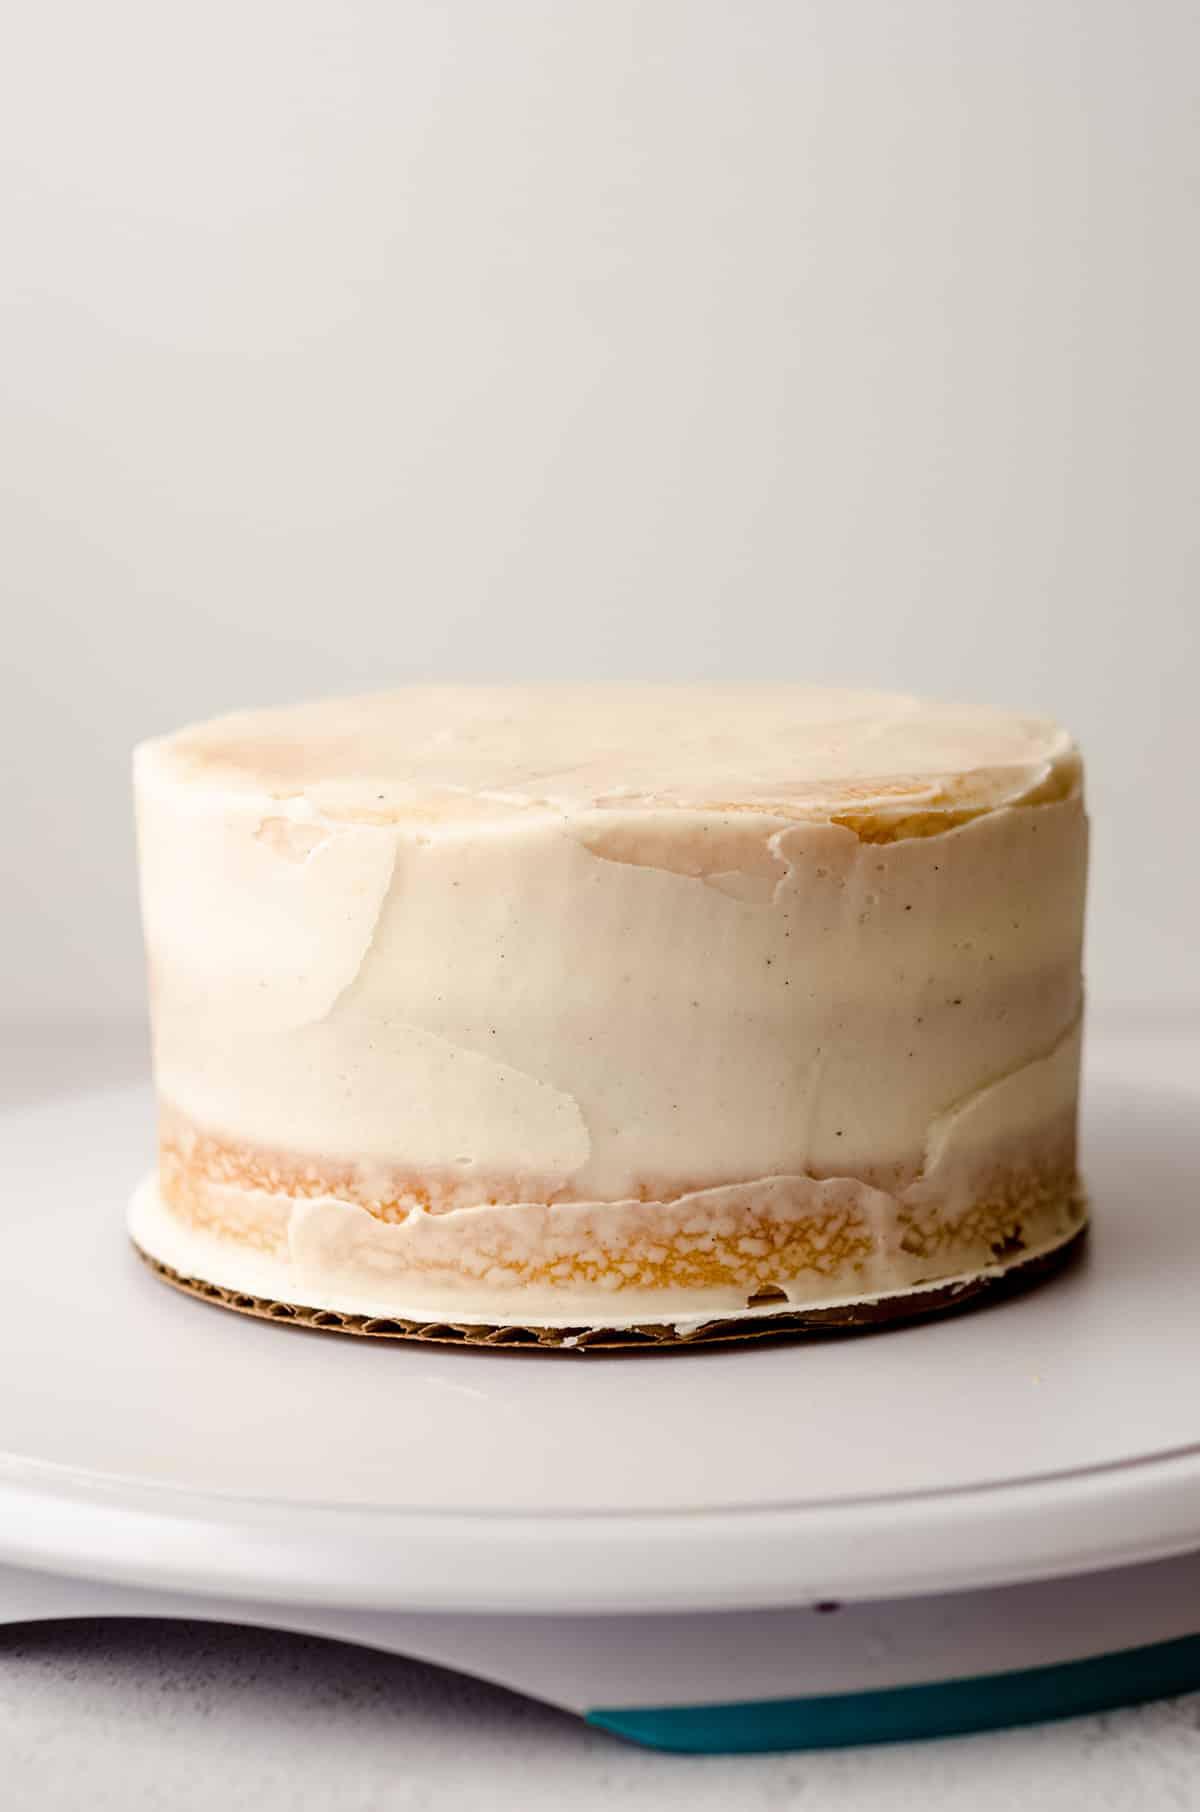 a crumb coated cake